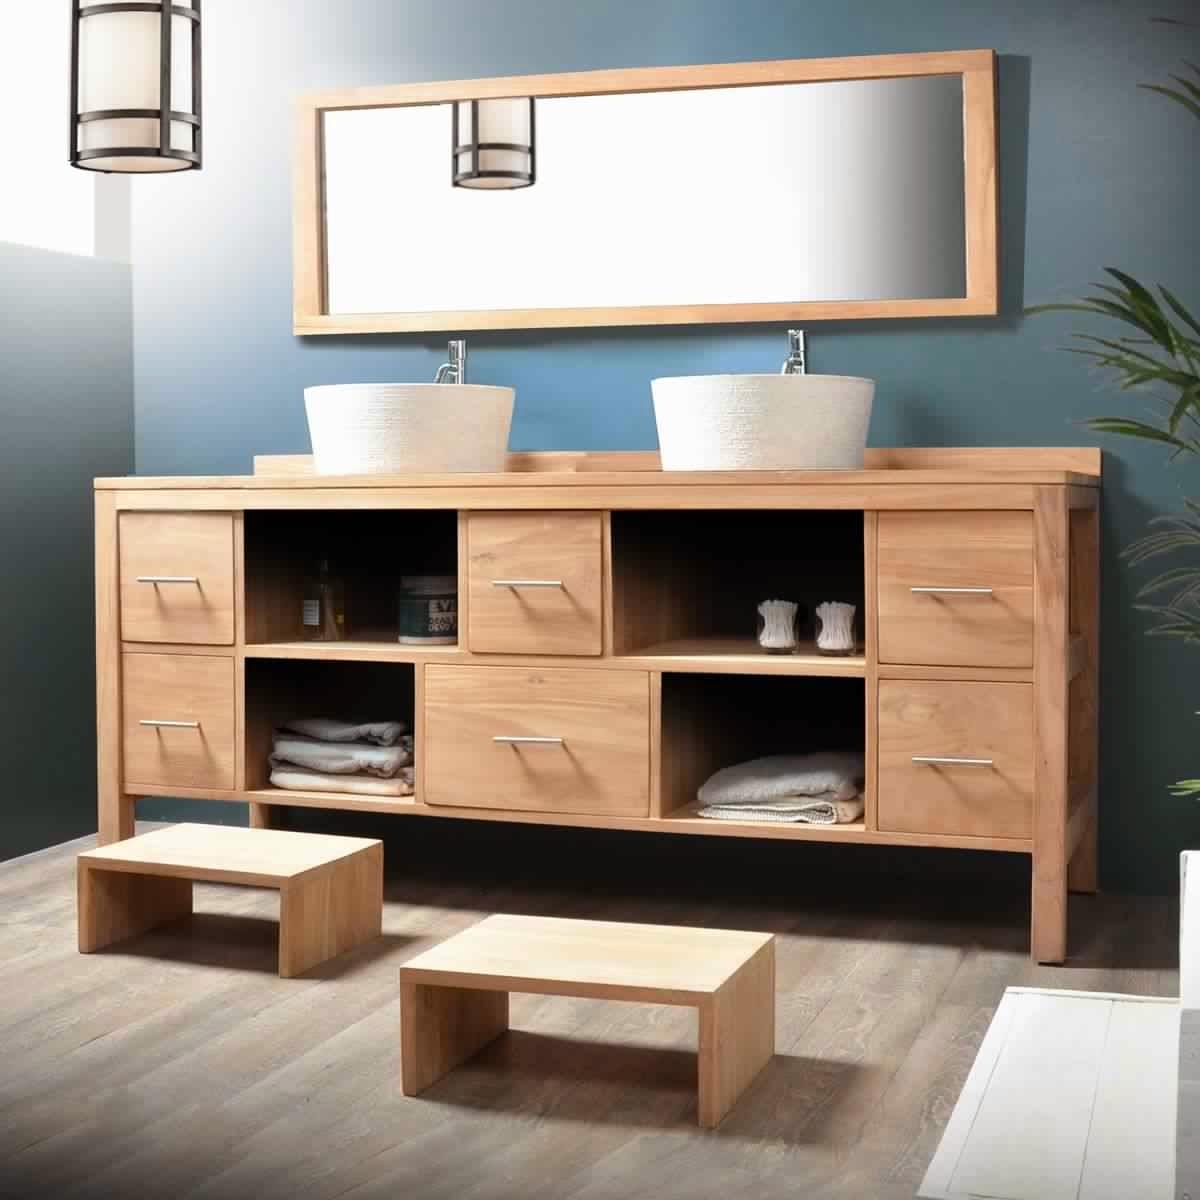 Meuble salle de bain bois 2 vasques meuble d coration maison for Rideau meuble salle de bain